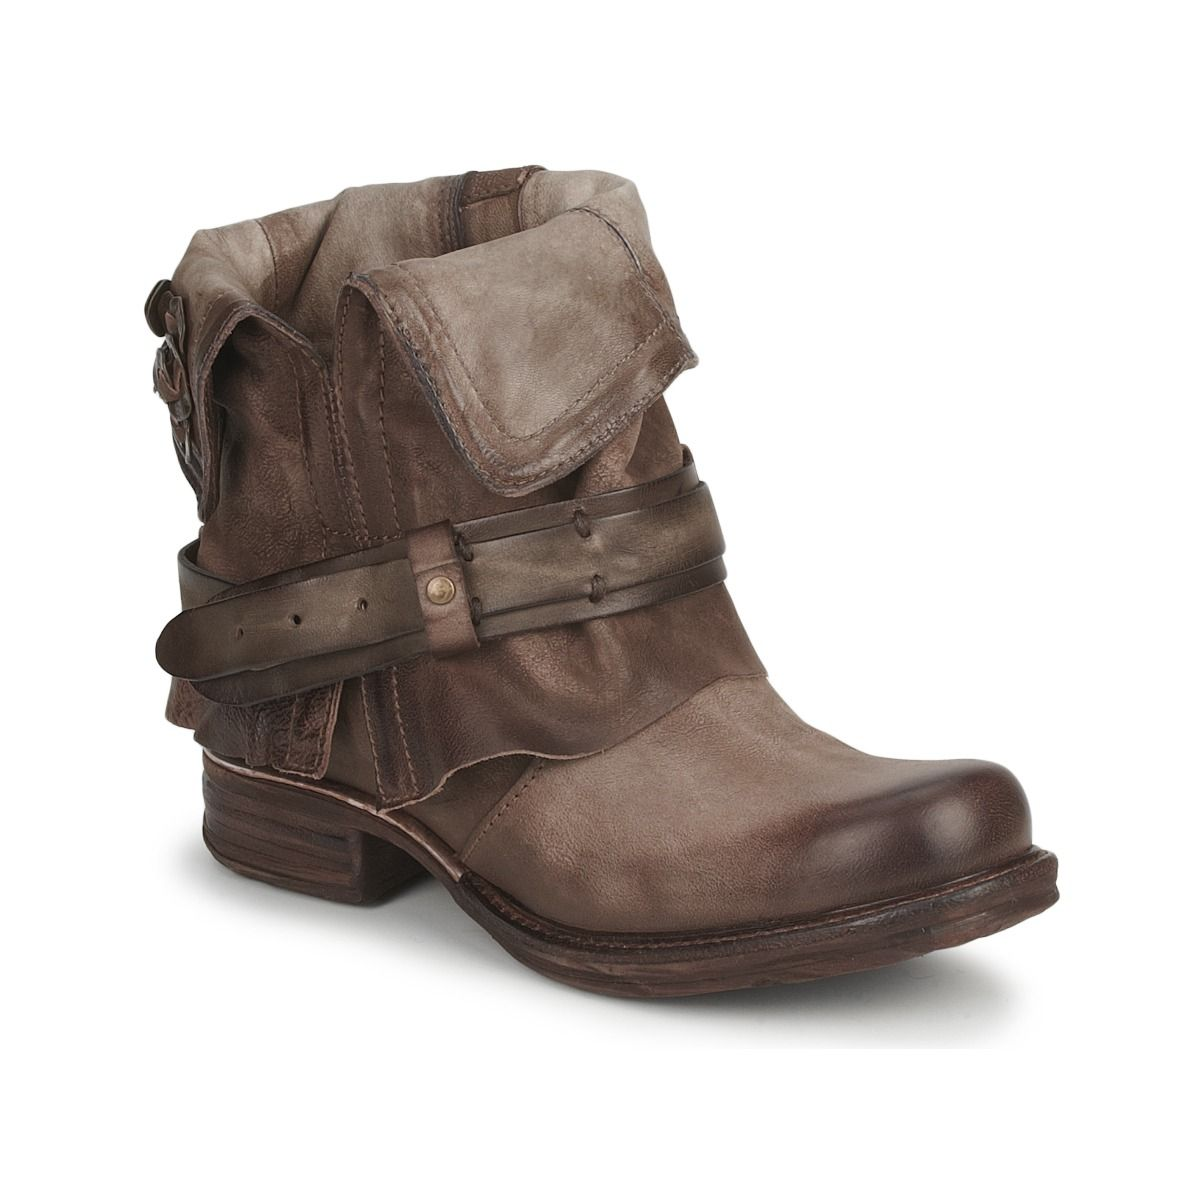 boots air step saint bike marron achat de chaussures en ligne boutique chaussure pas cher sur. Black Bedroom Furniture Sets. Home Design Ideas